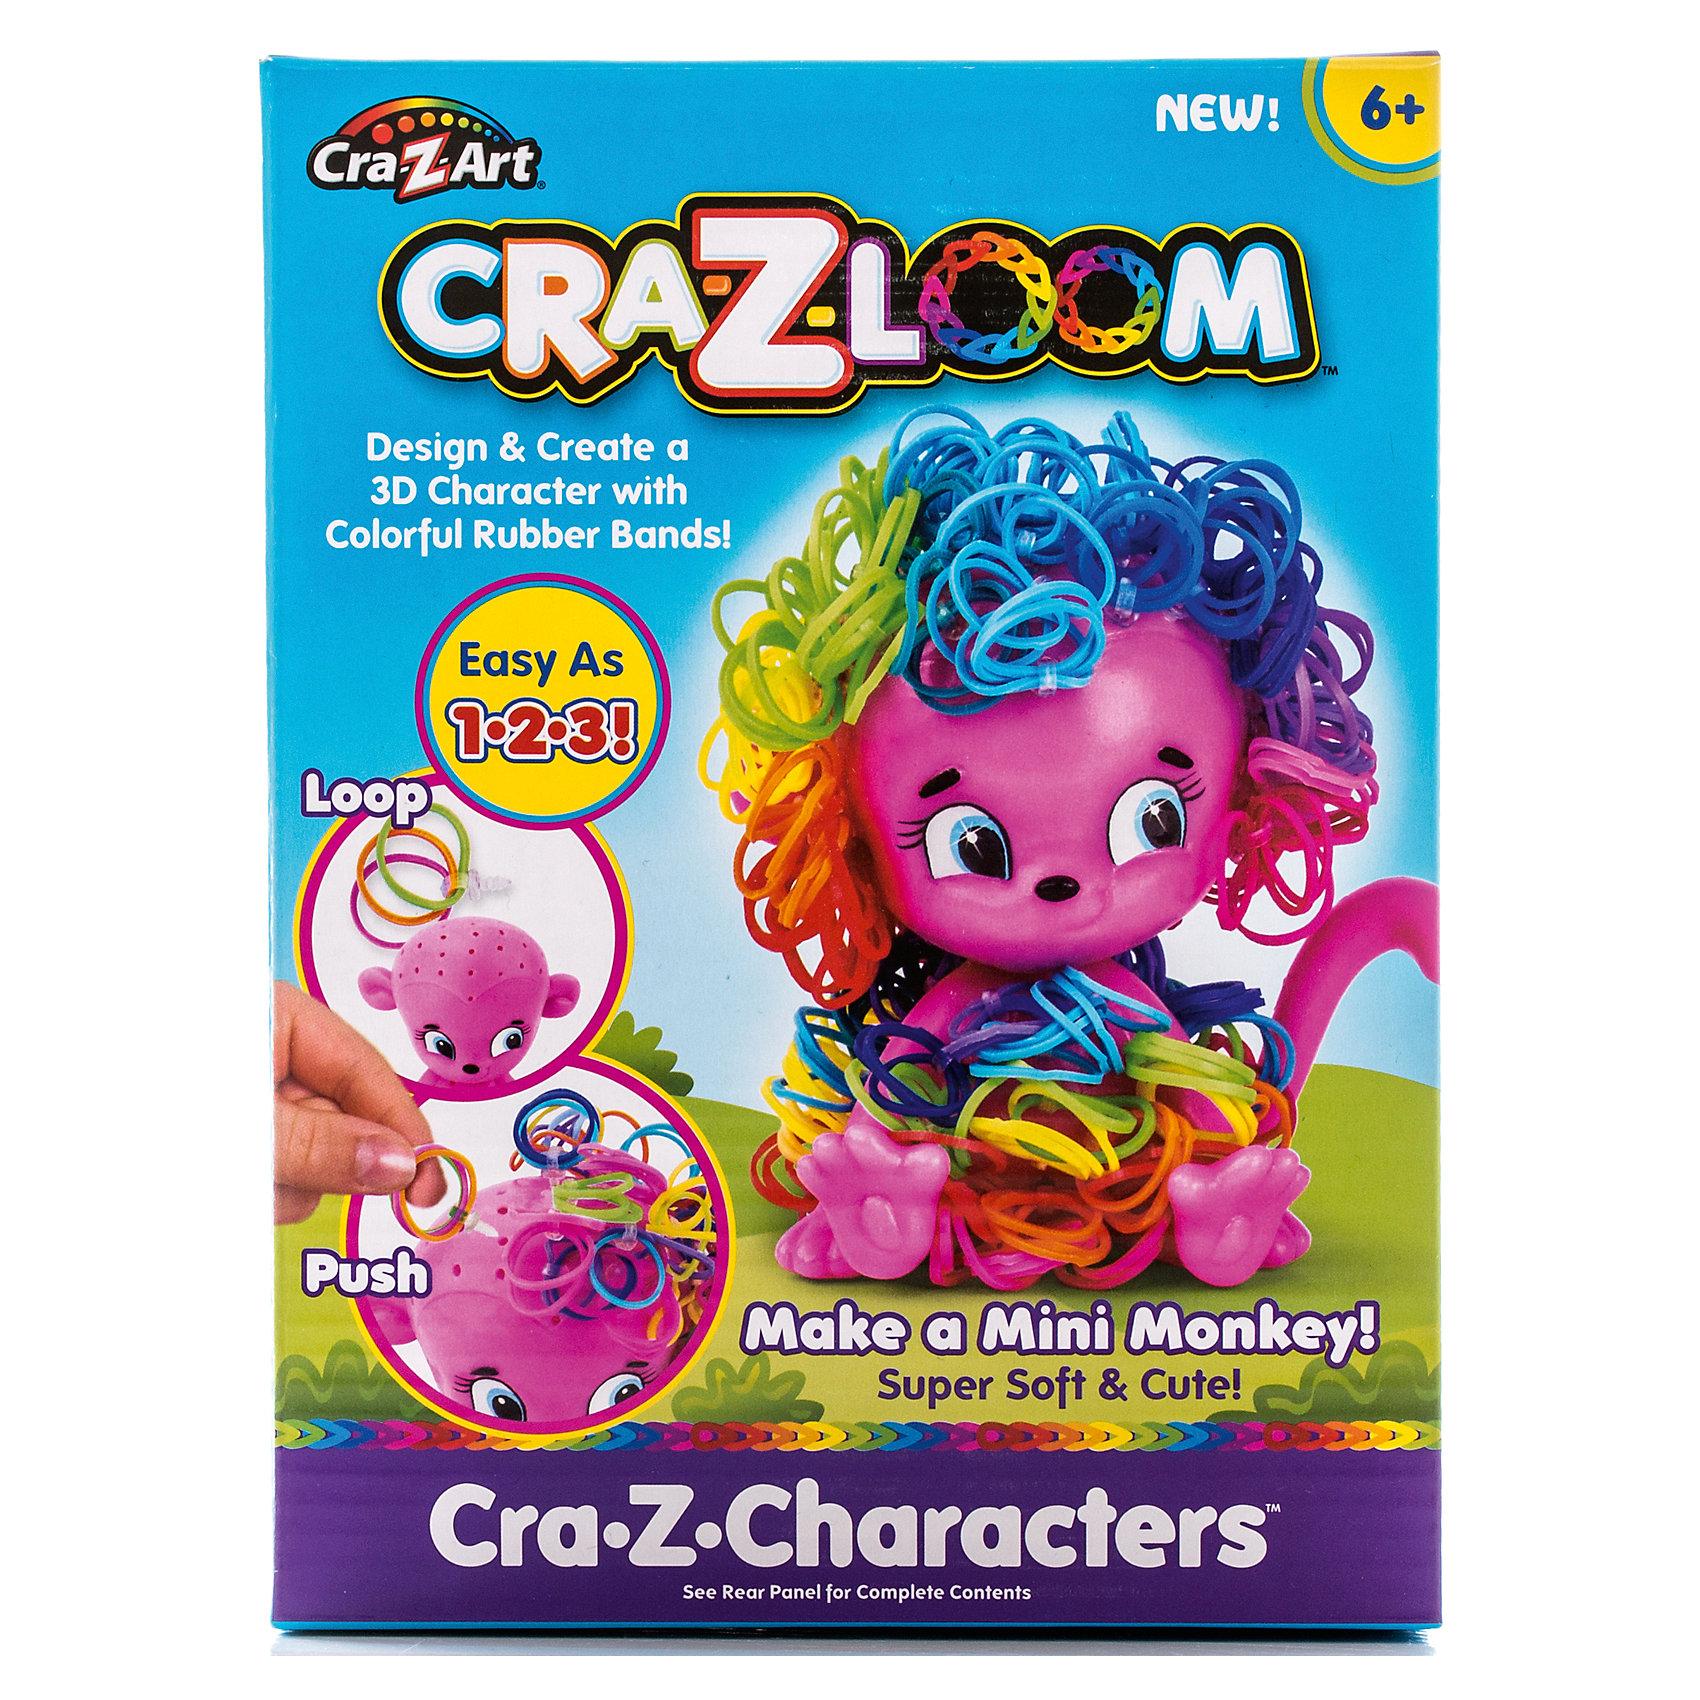 Crazy Loom Набор для плетения из резиночек Обезьянка, Cra-Z-Loom набор для детского творчества голографическая мозаика обезьянка с2600 09